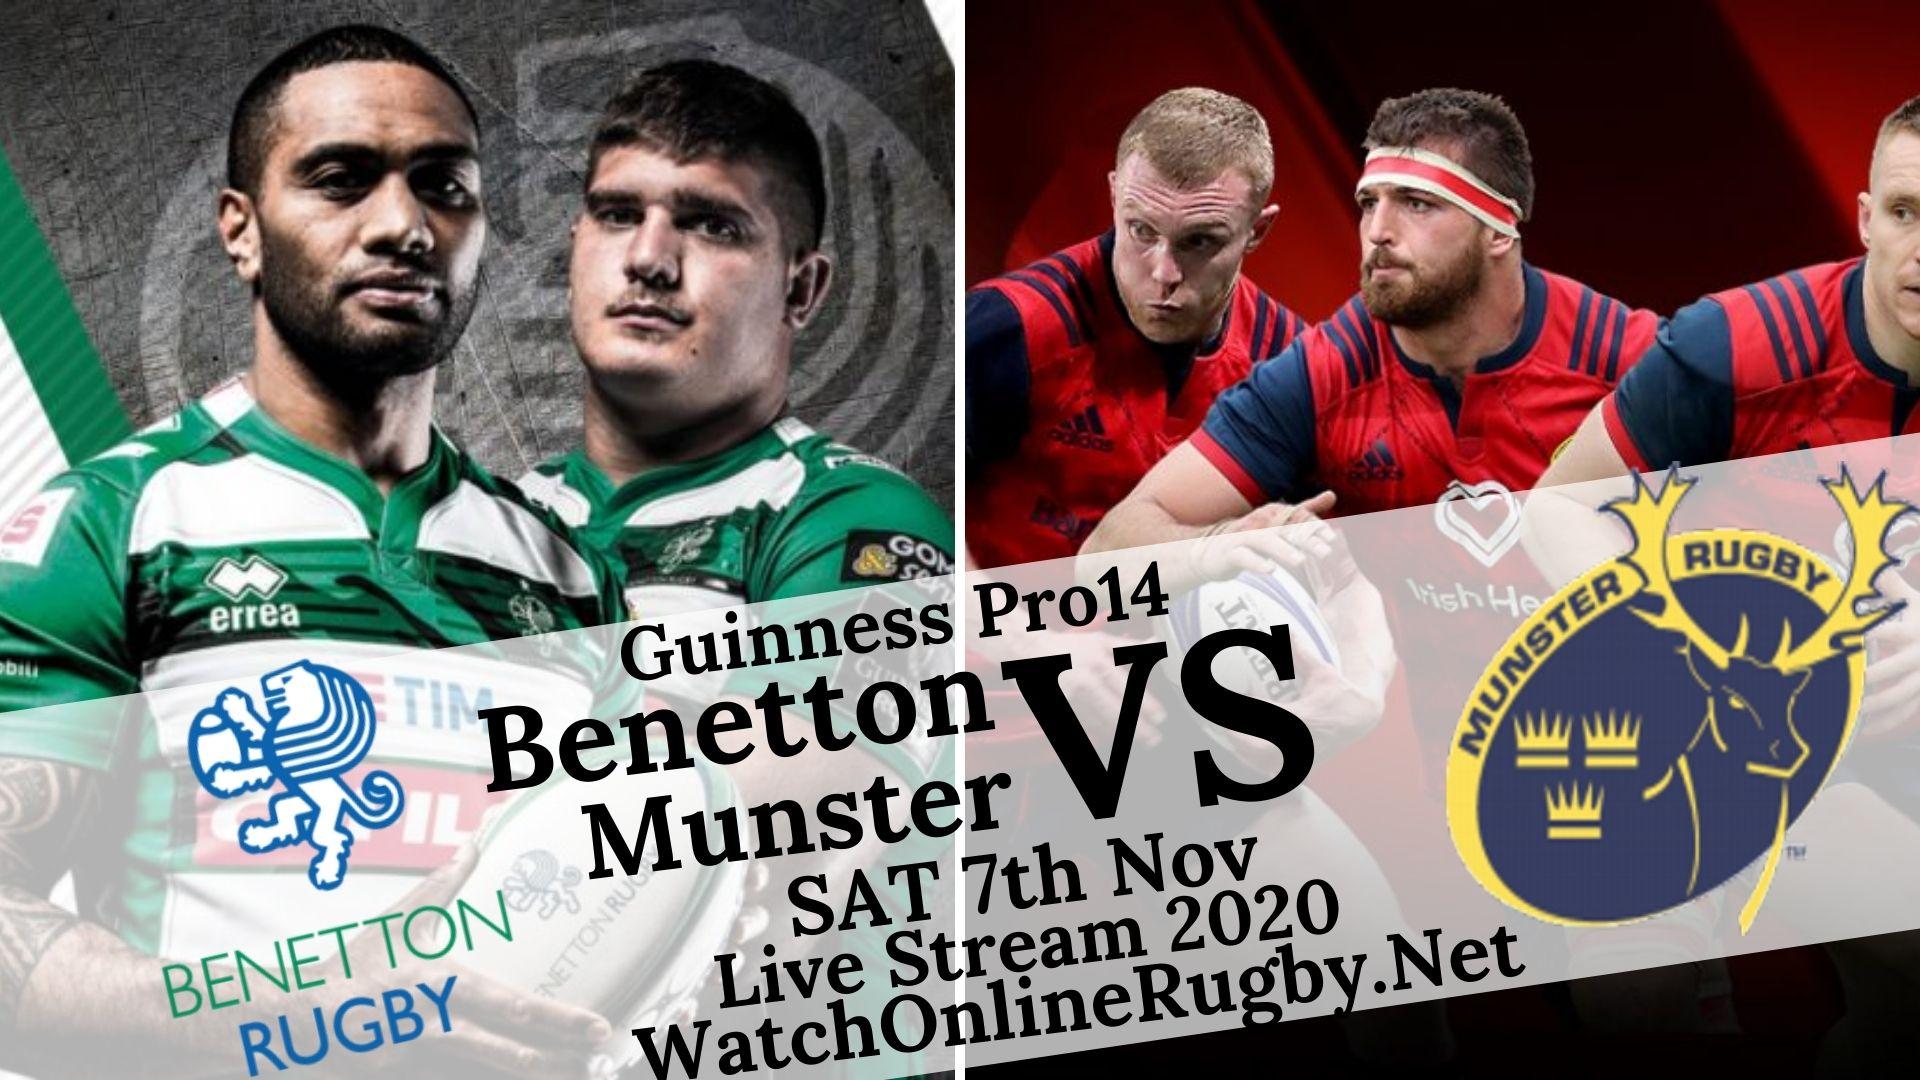 munster-vs-benetton-live-stream